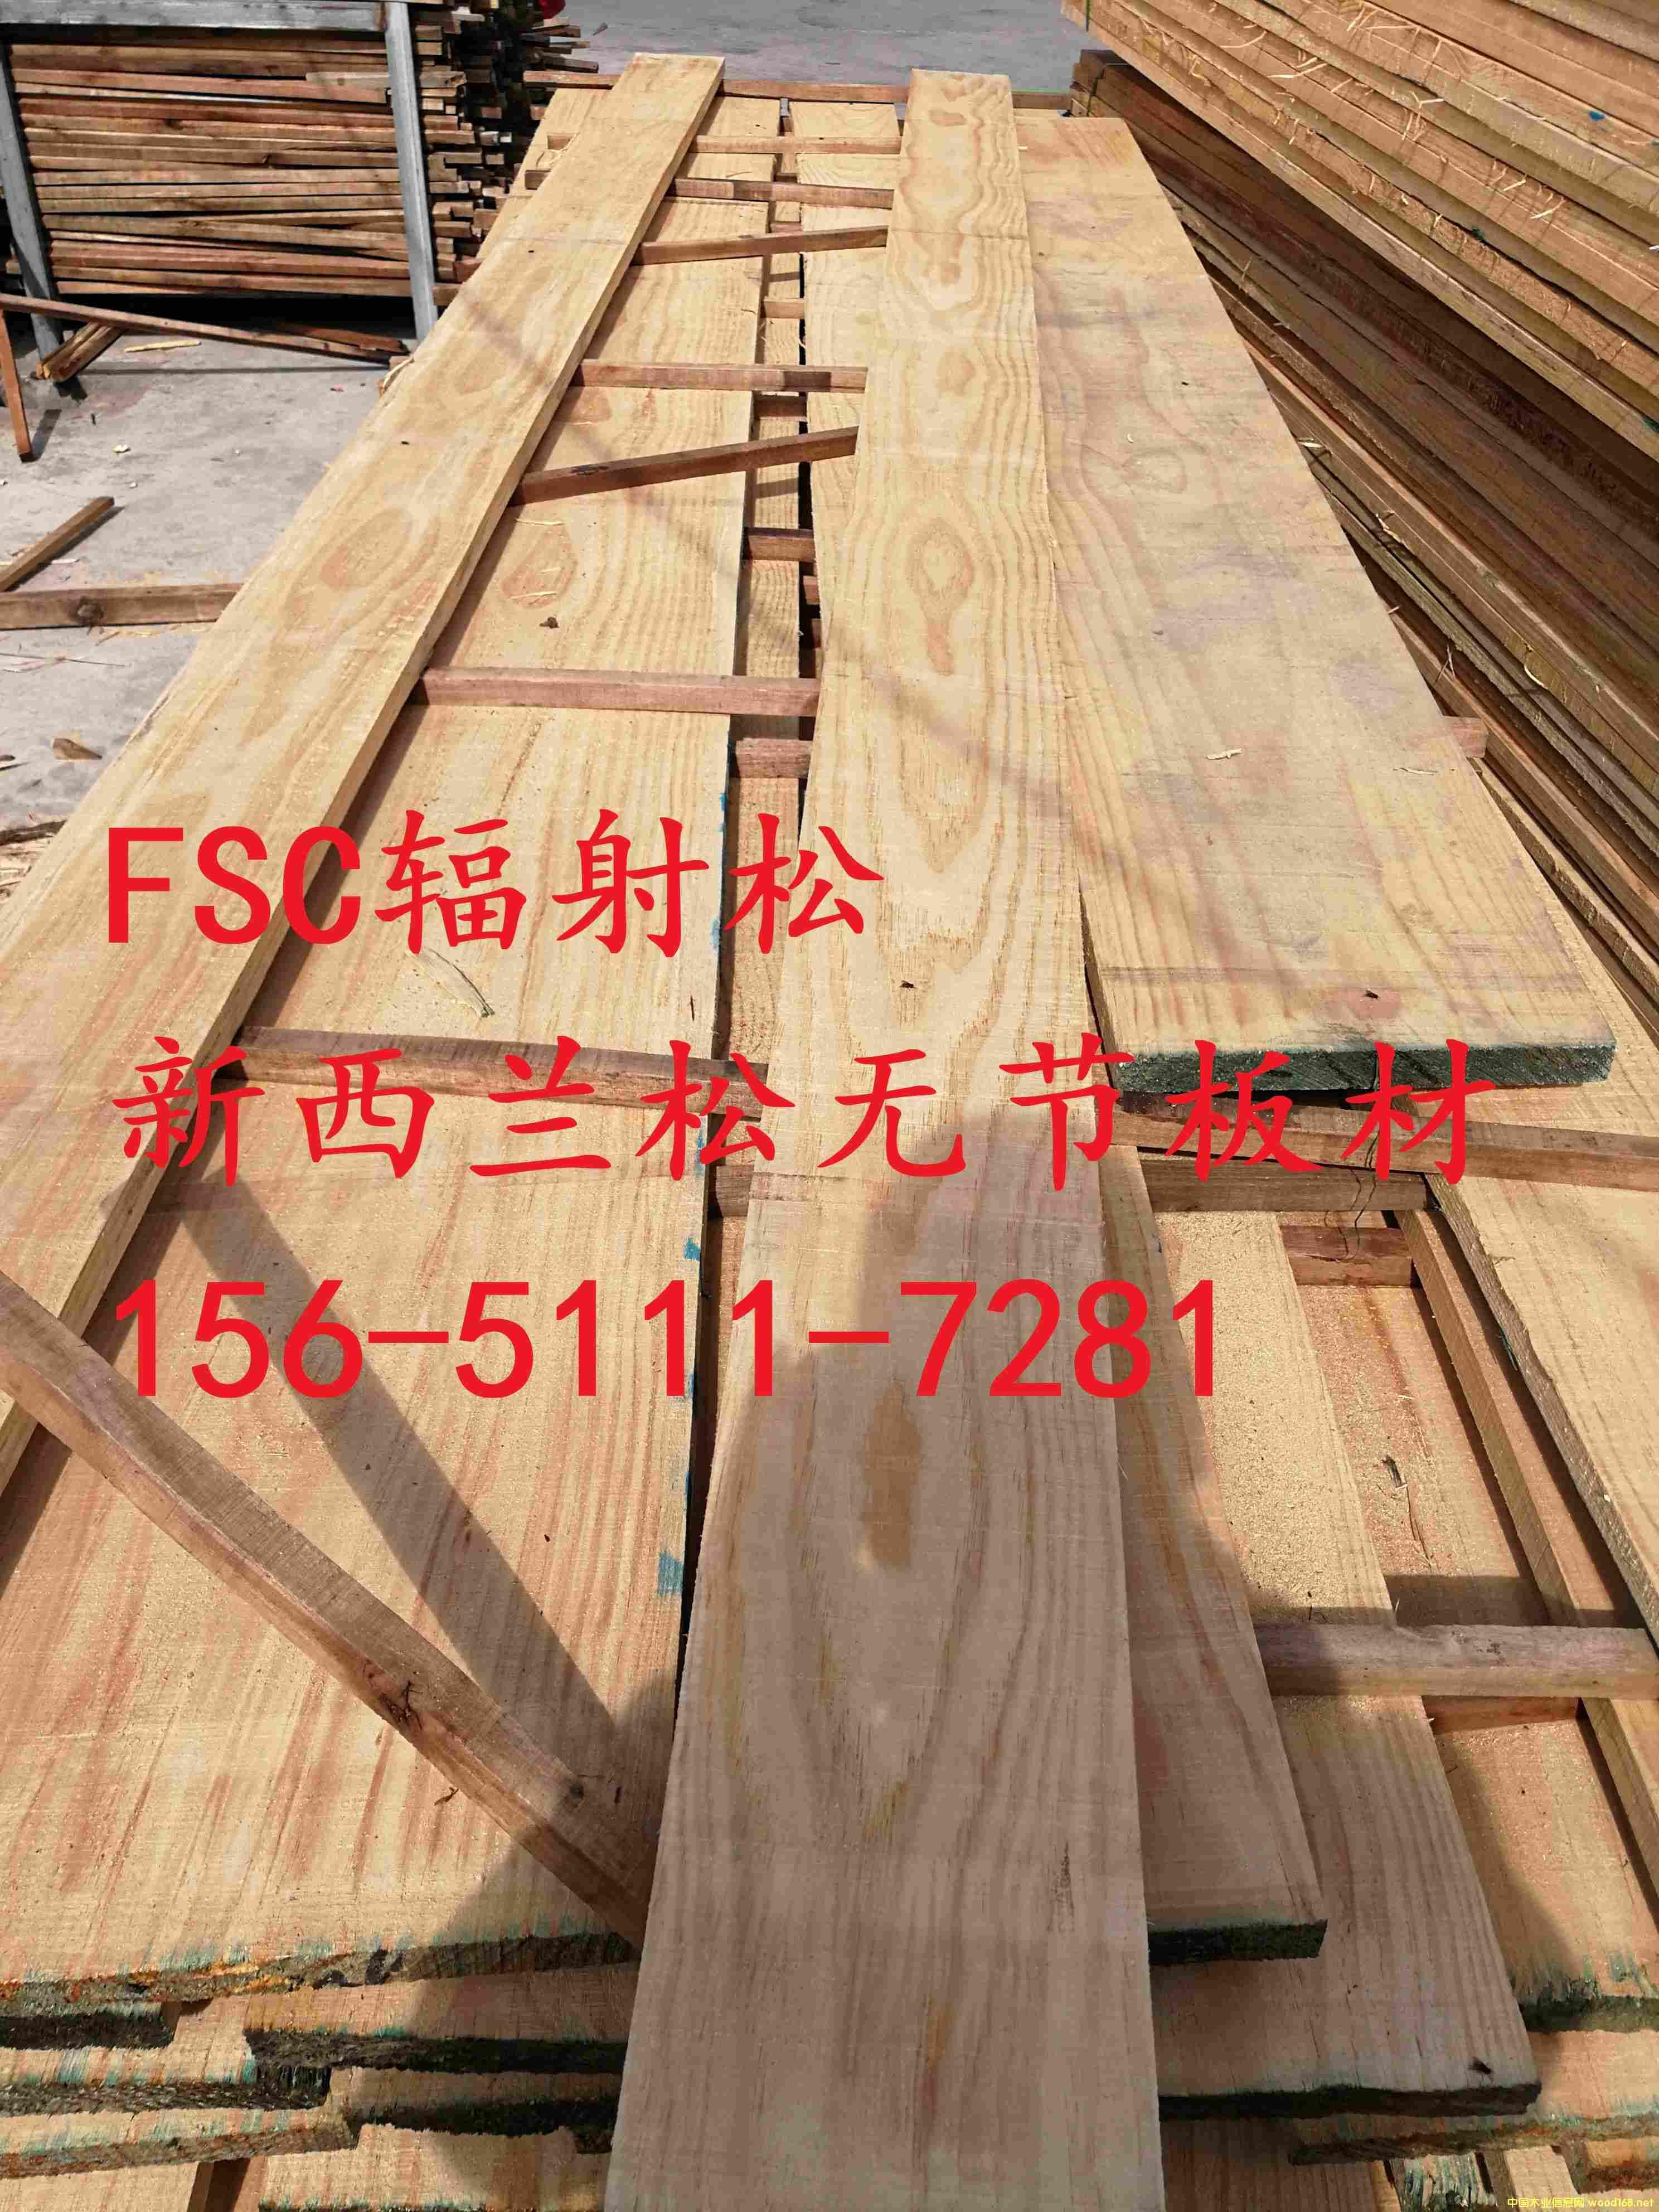 上海、太仓供应FSC辐射松、新西兰松无节板材